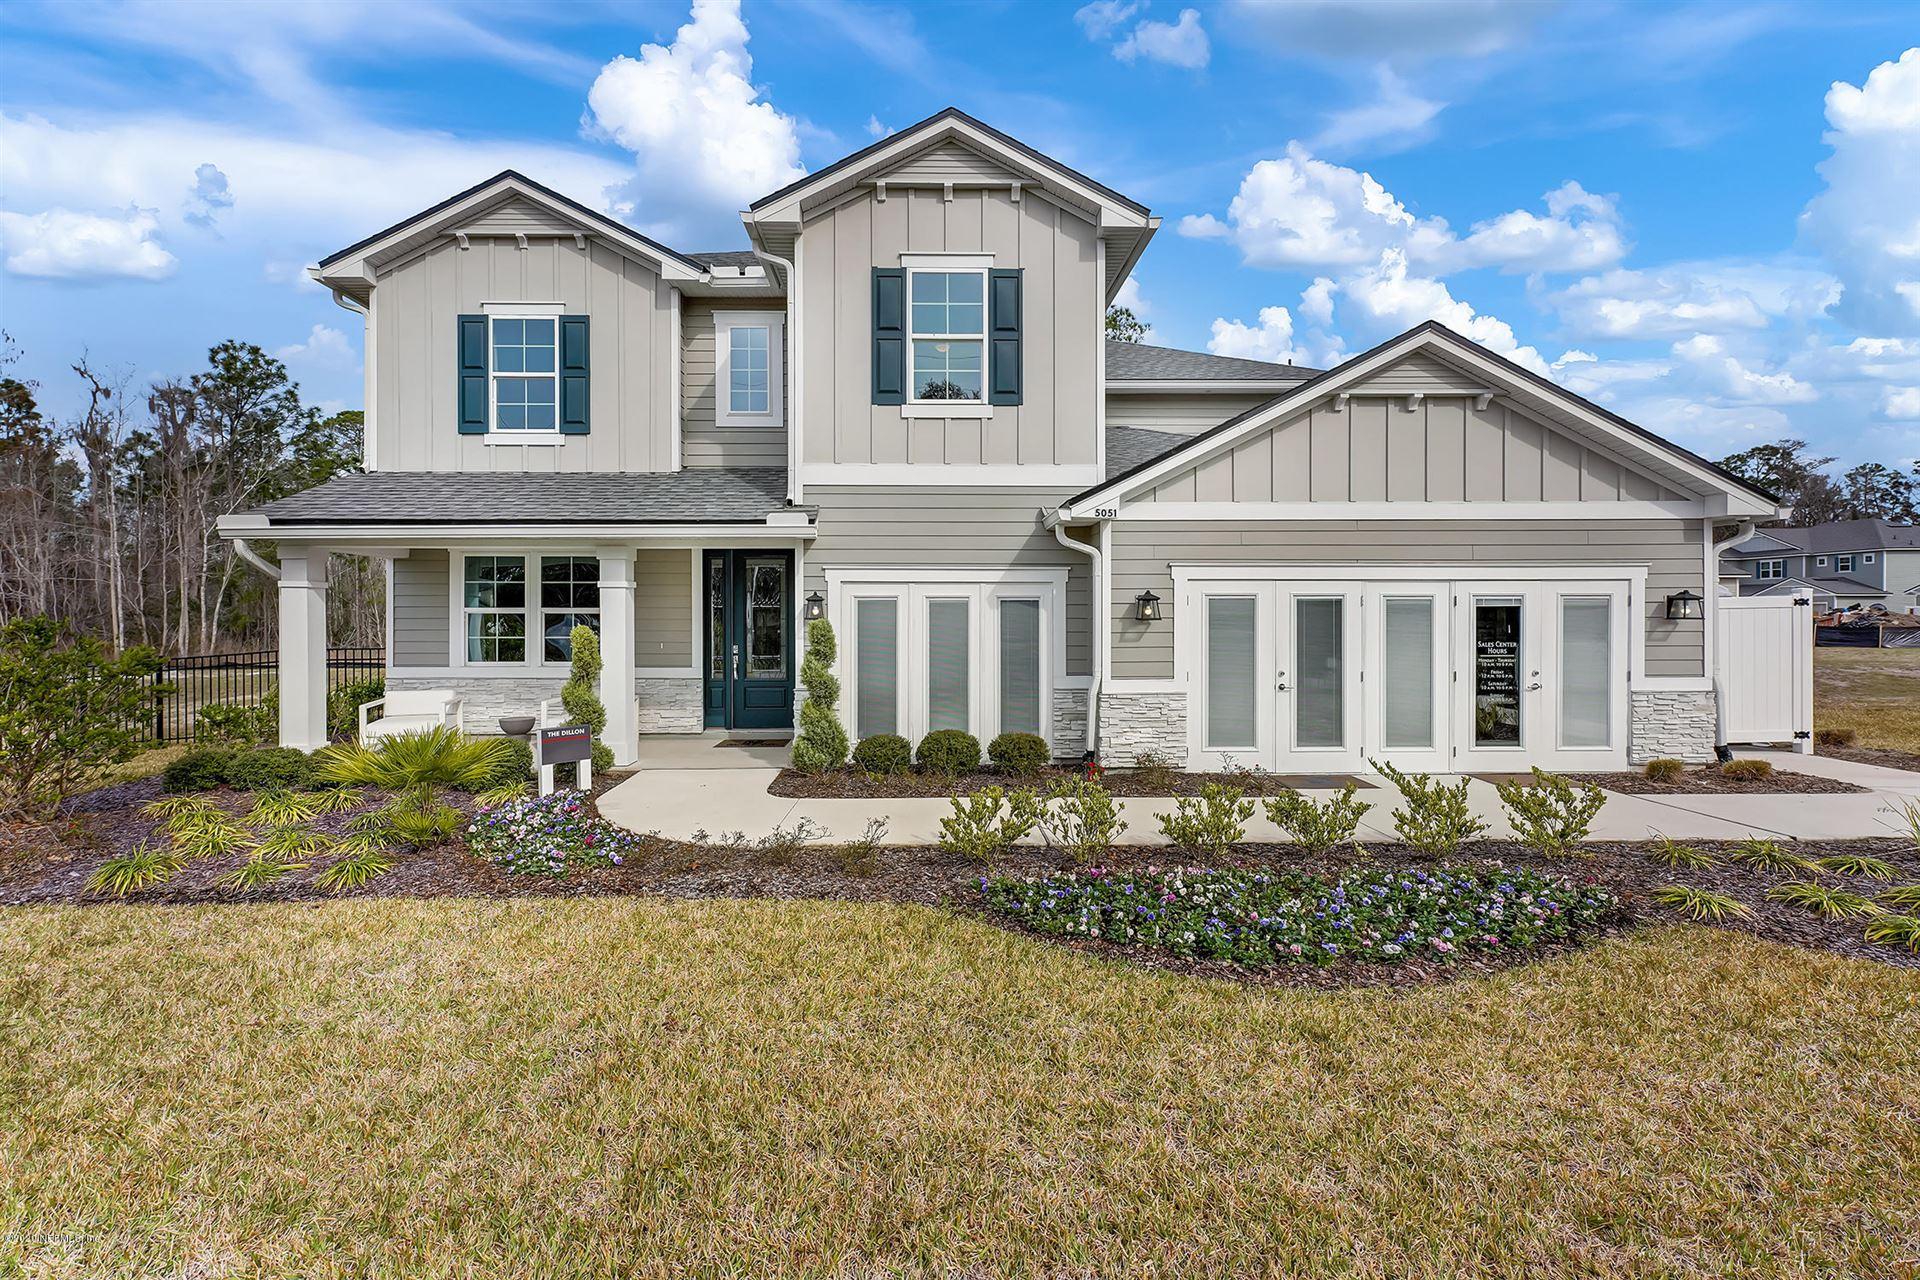 5051 LOSCO RD #Lot No: 35, Jacksonville, FL 32257 - MLS#: 1036475